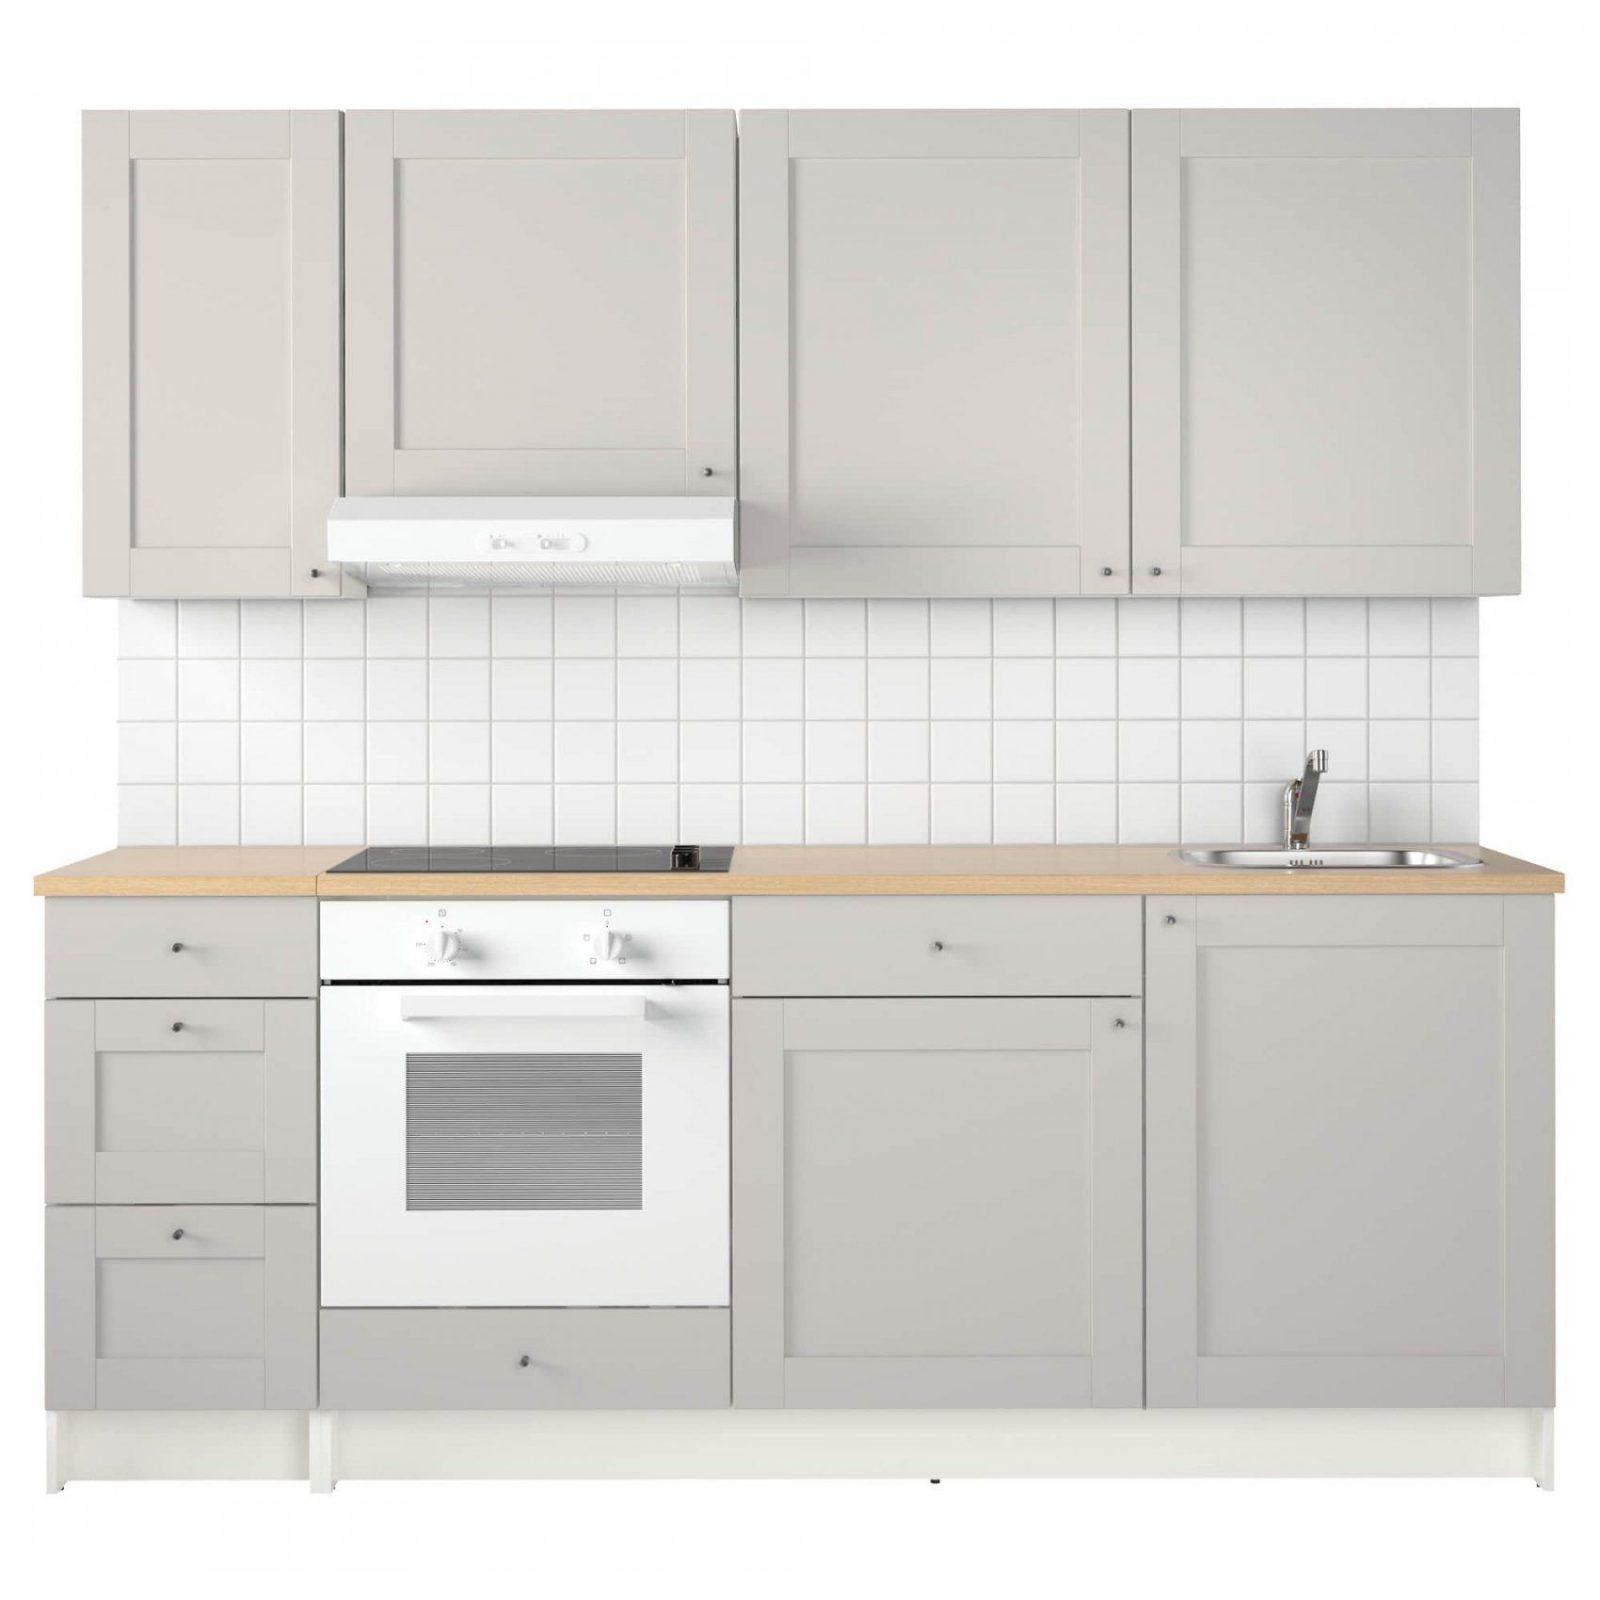 Knoxhult Küche  Ikea von Ikea Küchenzeile Mit Elektrogeräten Photo